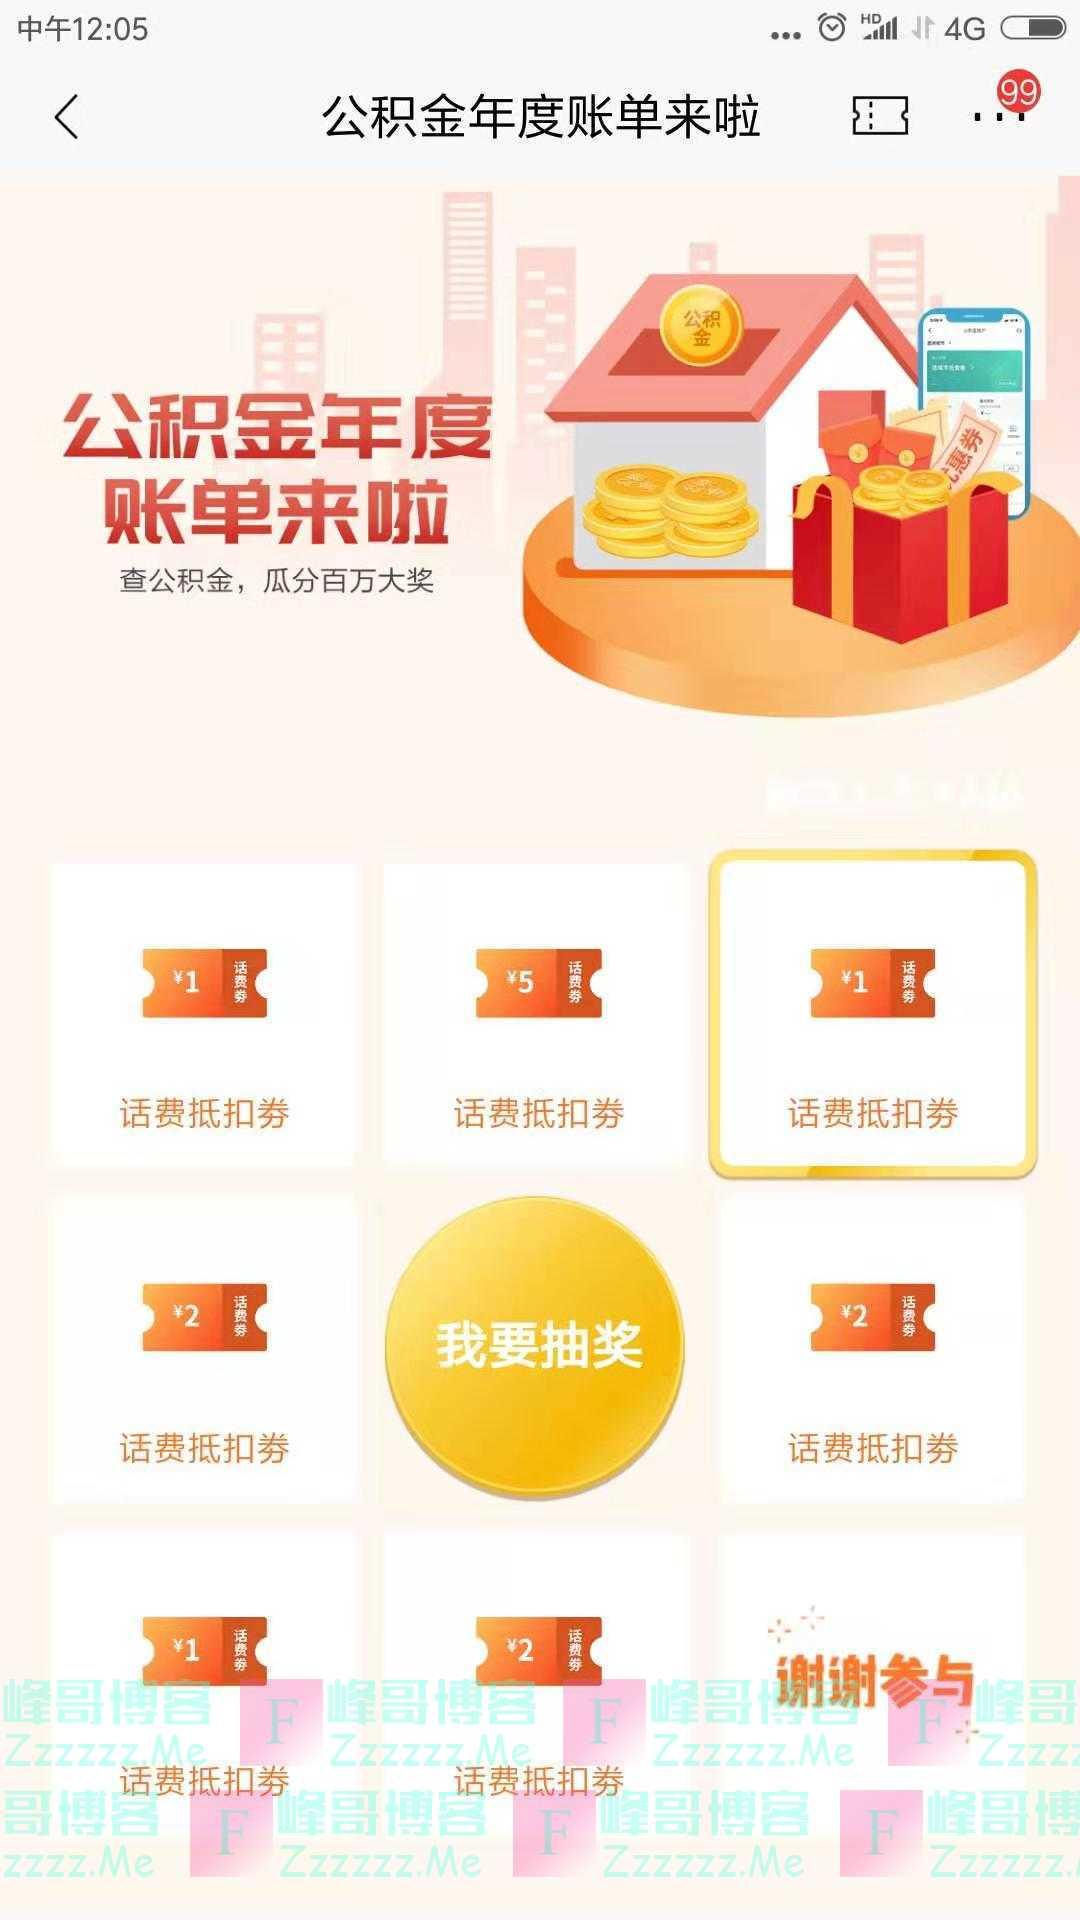 招行公积金年度账单抽好礼(截止2月29日)